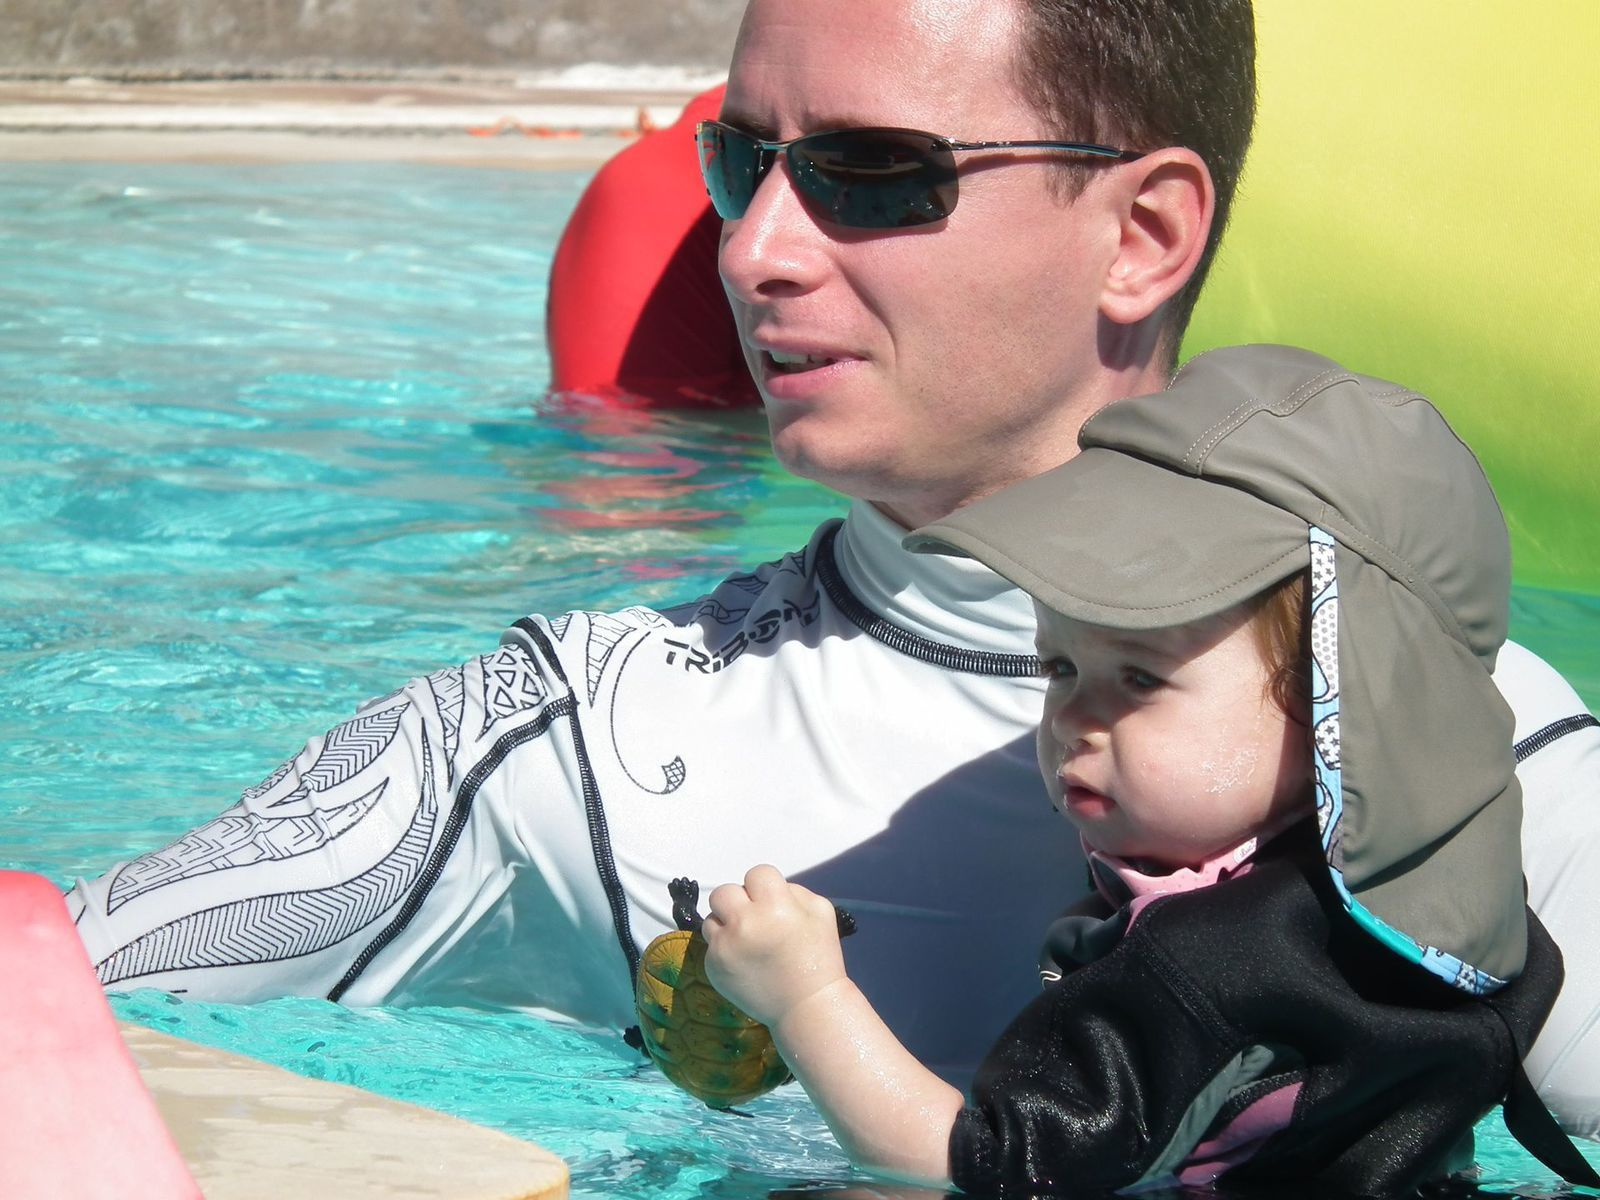 7è et dernier cours de bébé nageur de la saison